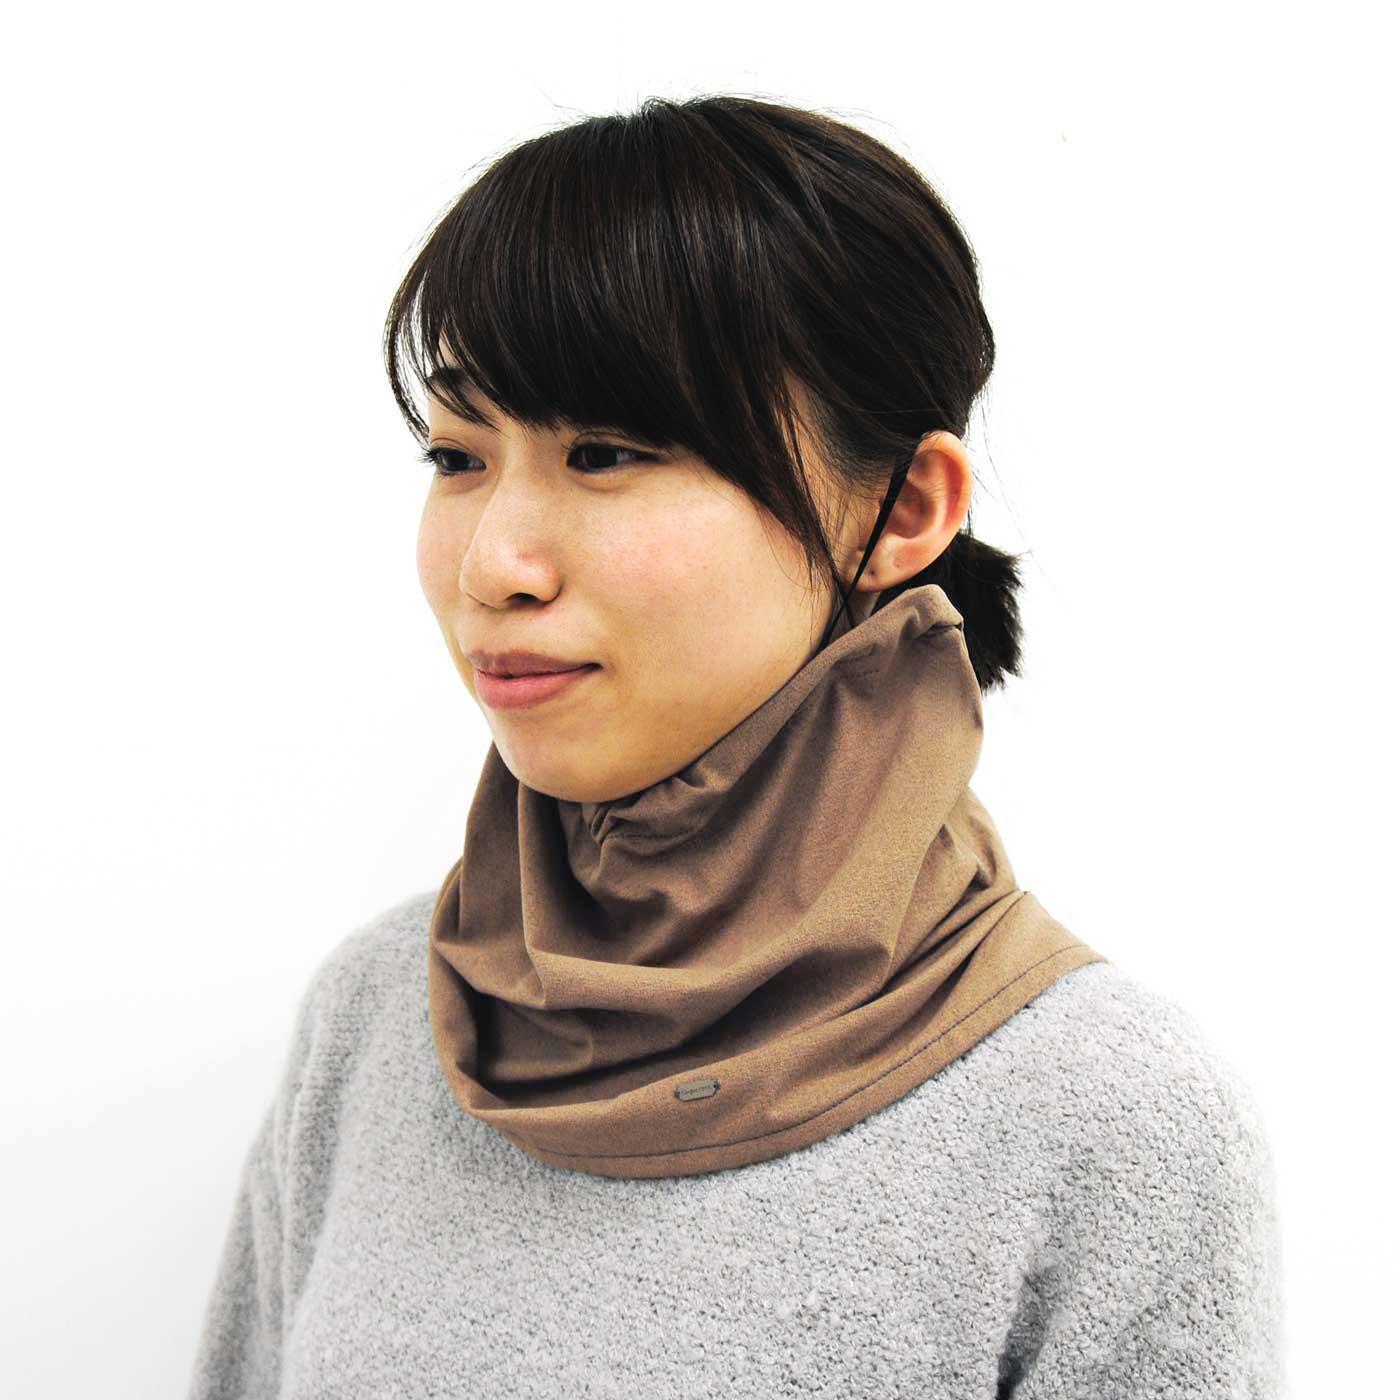 ゴムを耳に掛けたまま、前側を引き下ろせば、フェイスラインぎりぎりまで首への紫外線をガード。首もとまでカバーできます。